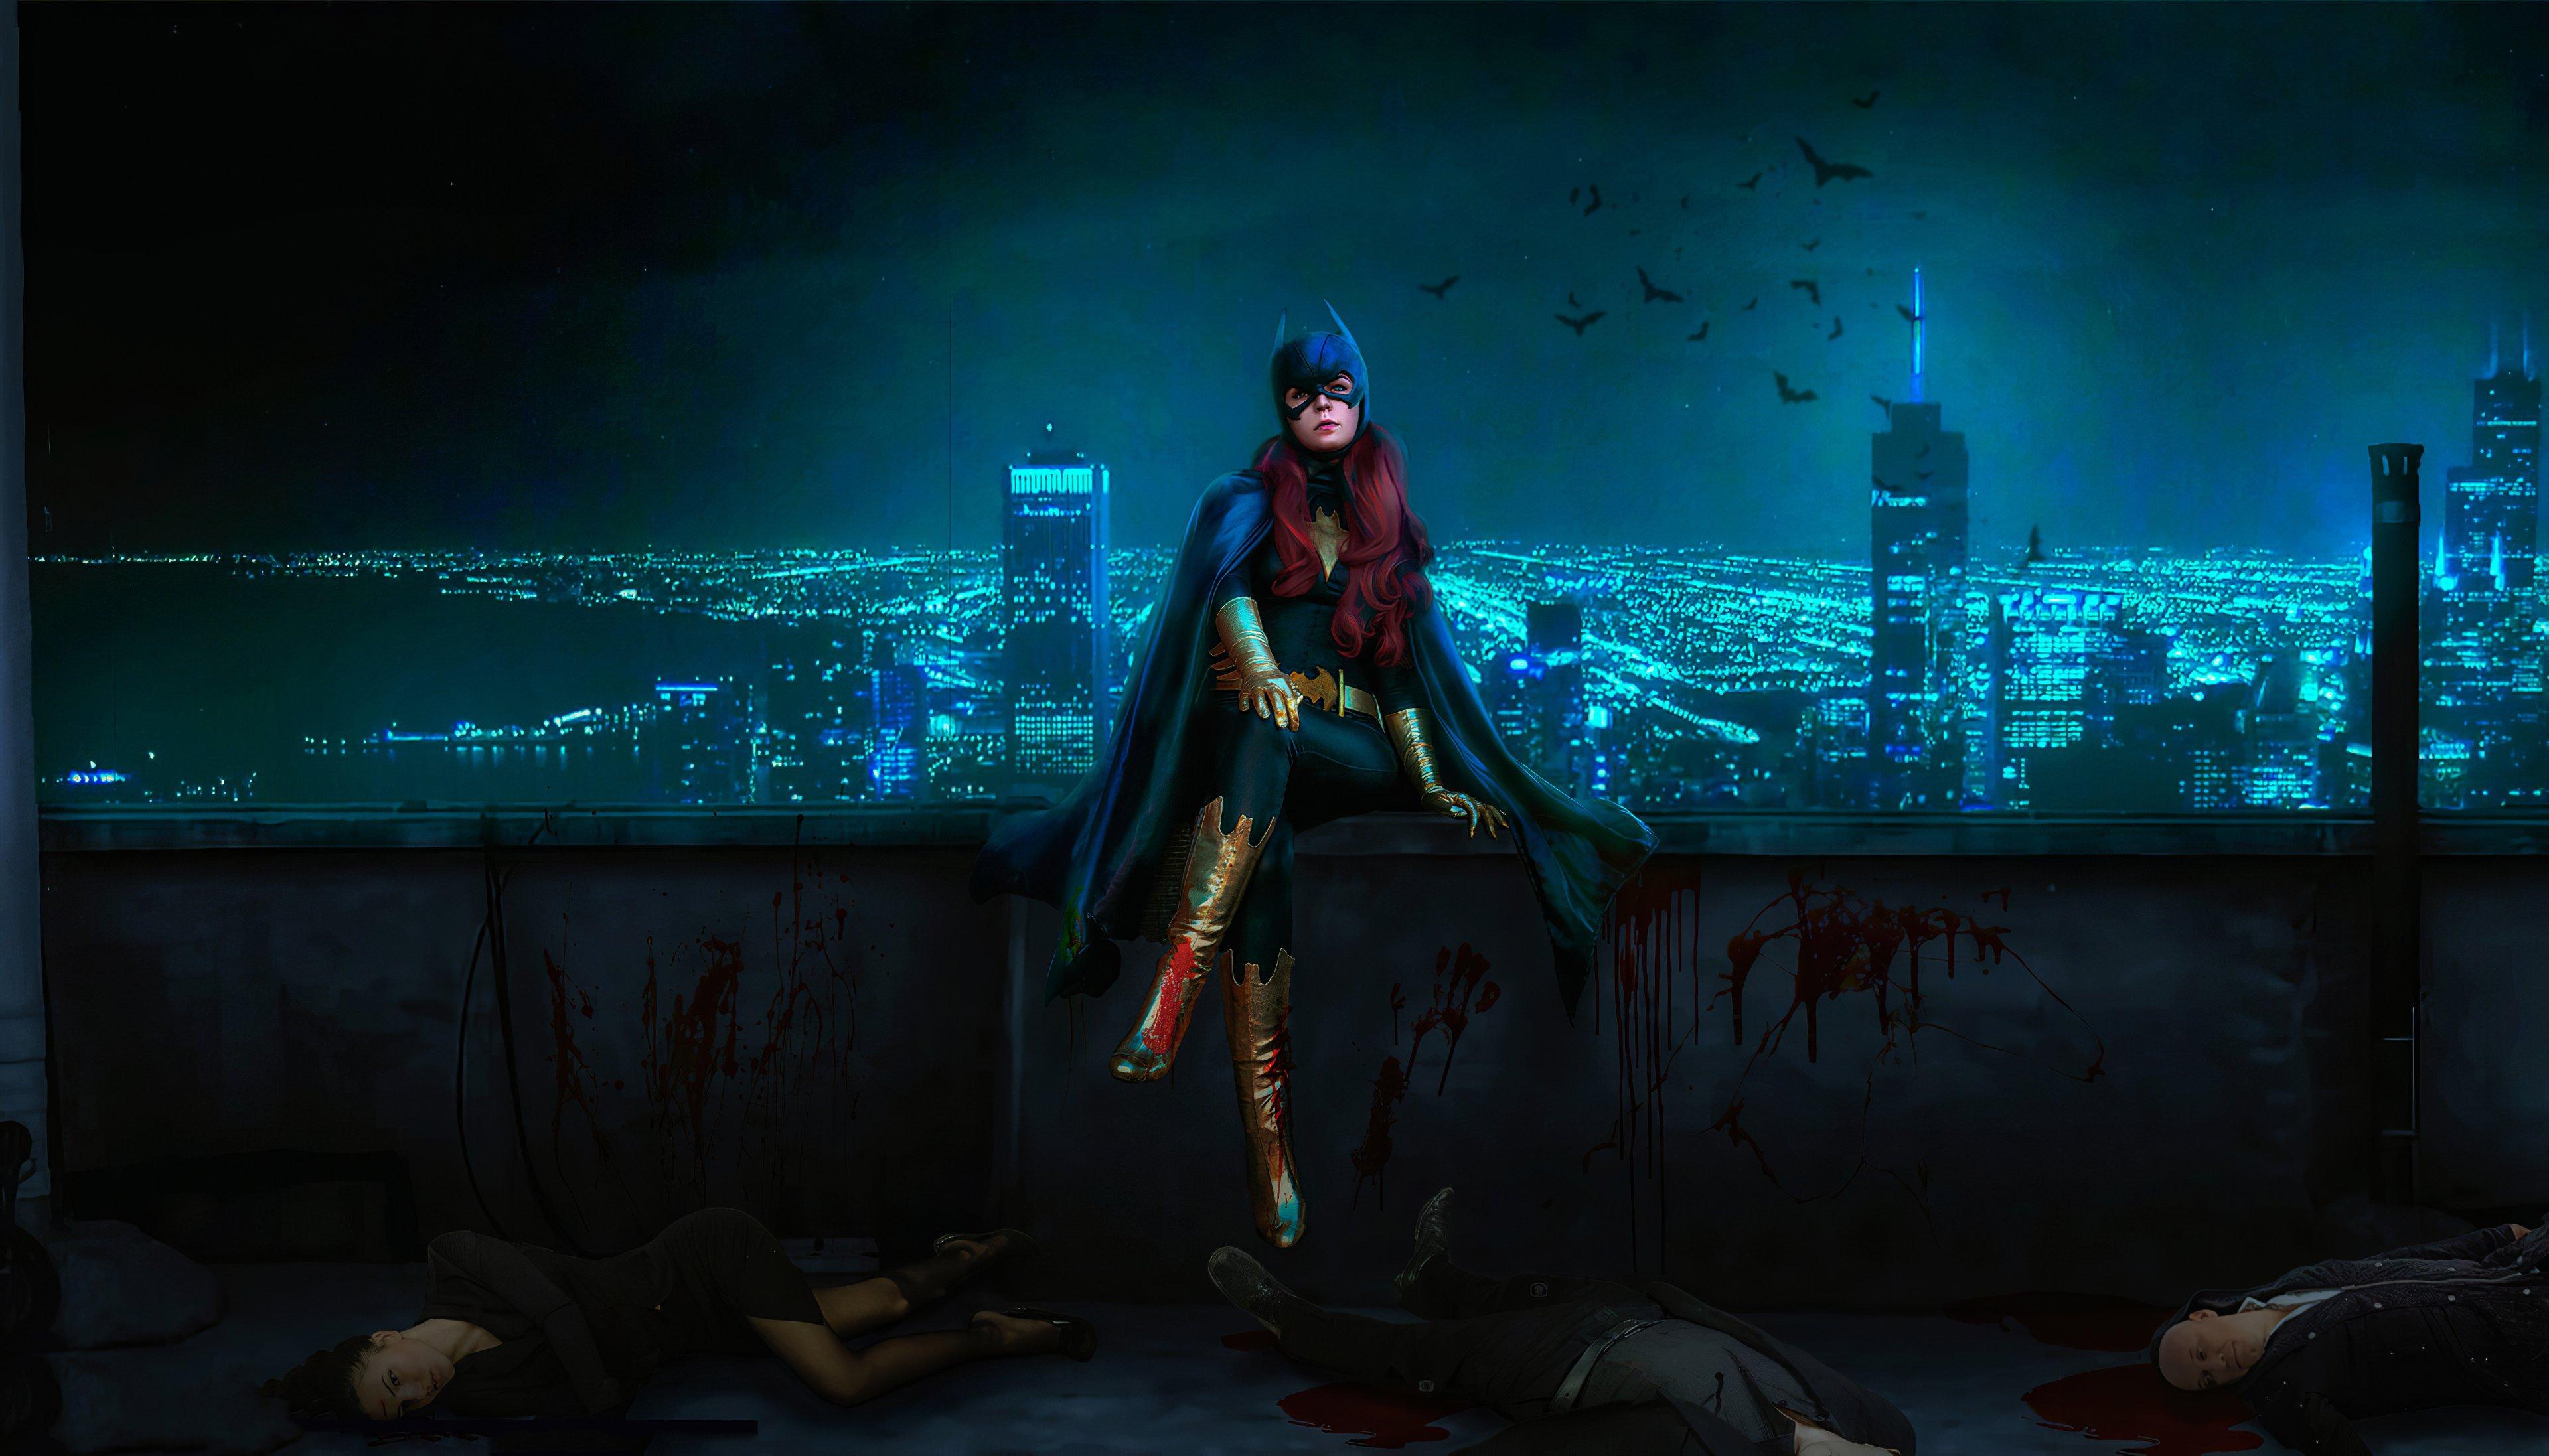 Fondos de pantalla Batwoman en Ciudad Gótica